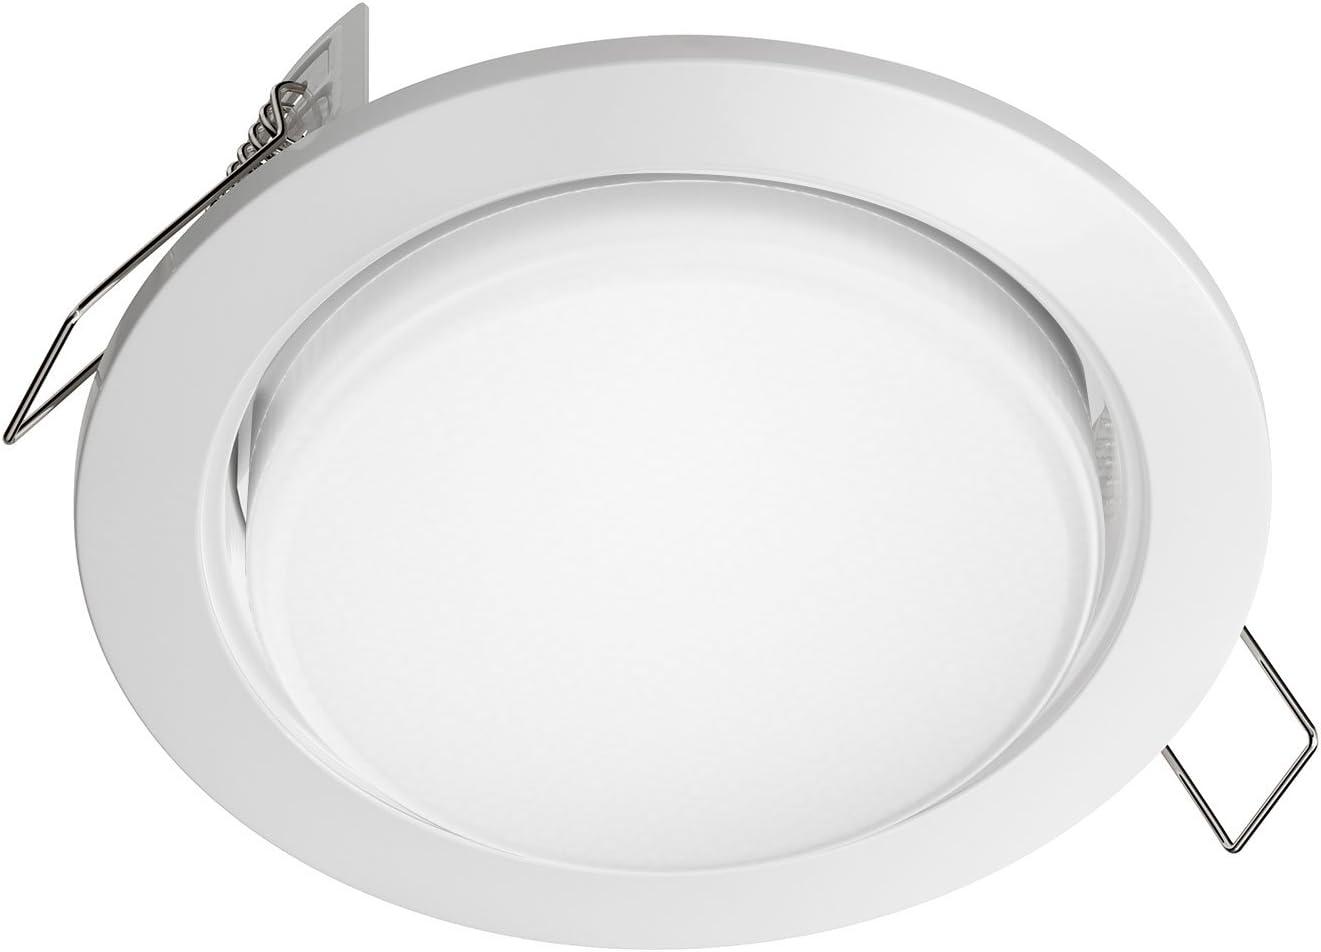 ledscom.de LED Einbaustrahler Zobe flach GX53 wei/ß rund 4W=28W 280lm warm-wei/ß 107mm /Ø Lochkreis 90mm /Ø